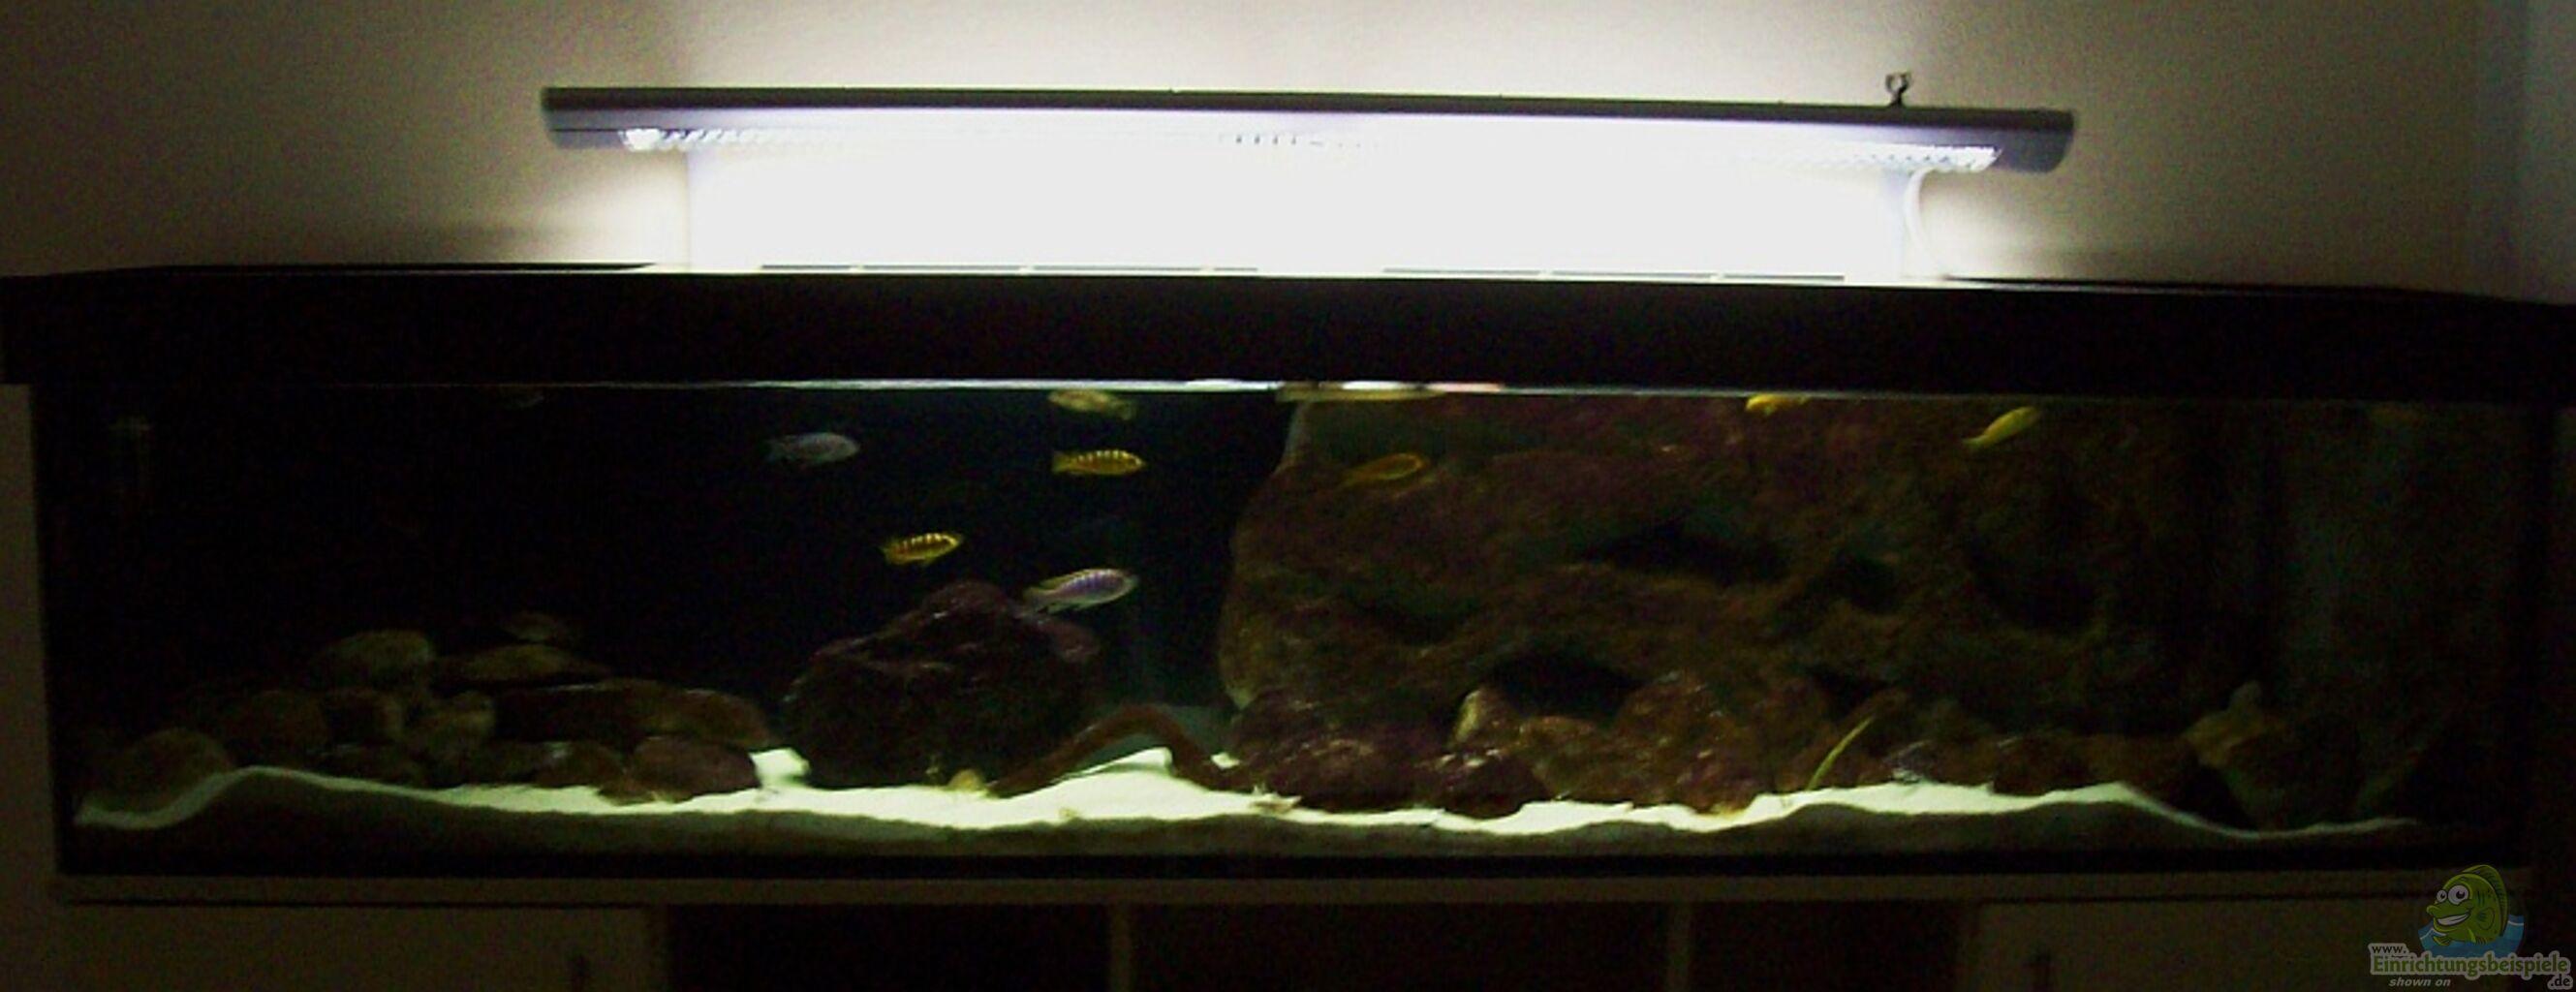 aquarium von eginger malawi nur noch als beispiel. Black Bedroom Furniture Sets. Home Design Ideas